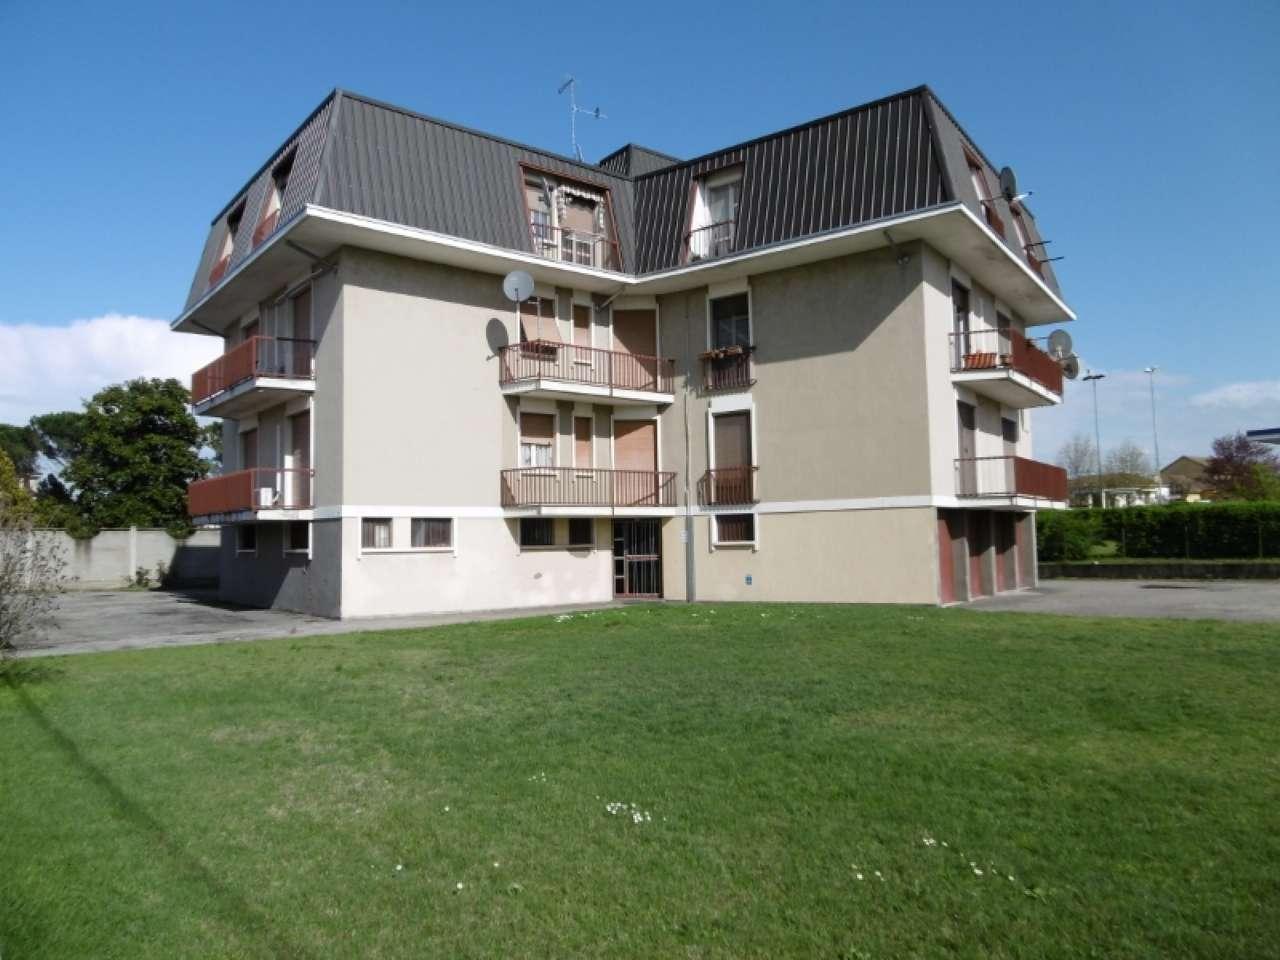 Appartamento in vendita a Castello d'Agogna, 3 locali, prezzo € 73.000 | CambioCasa.it